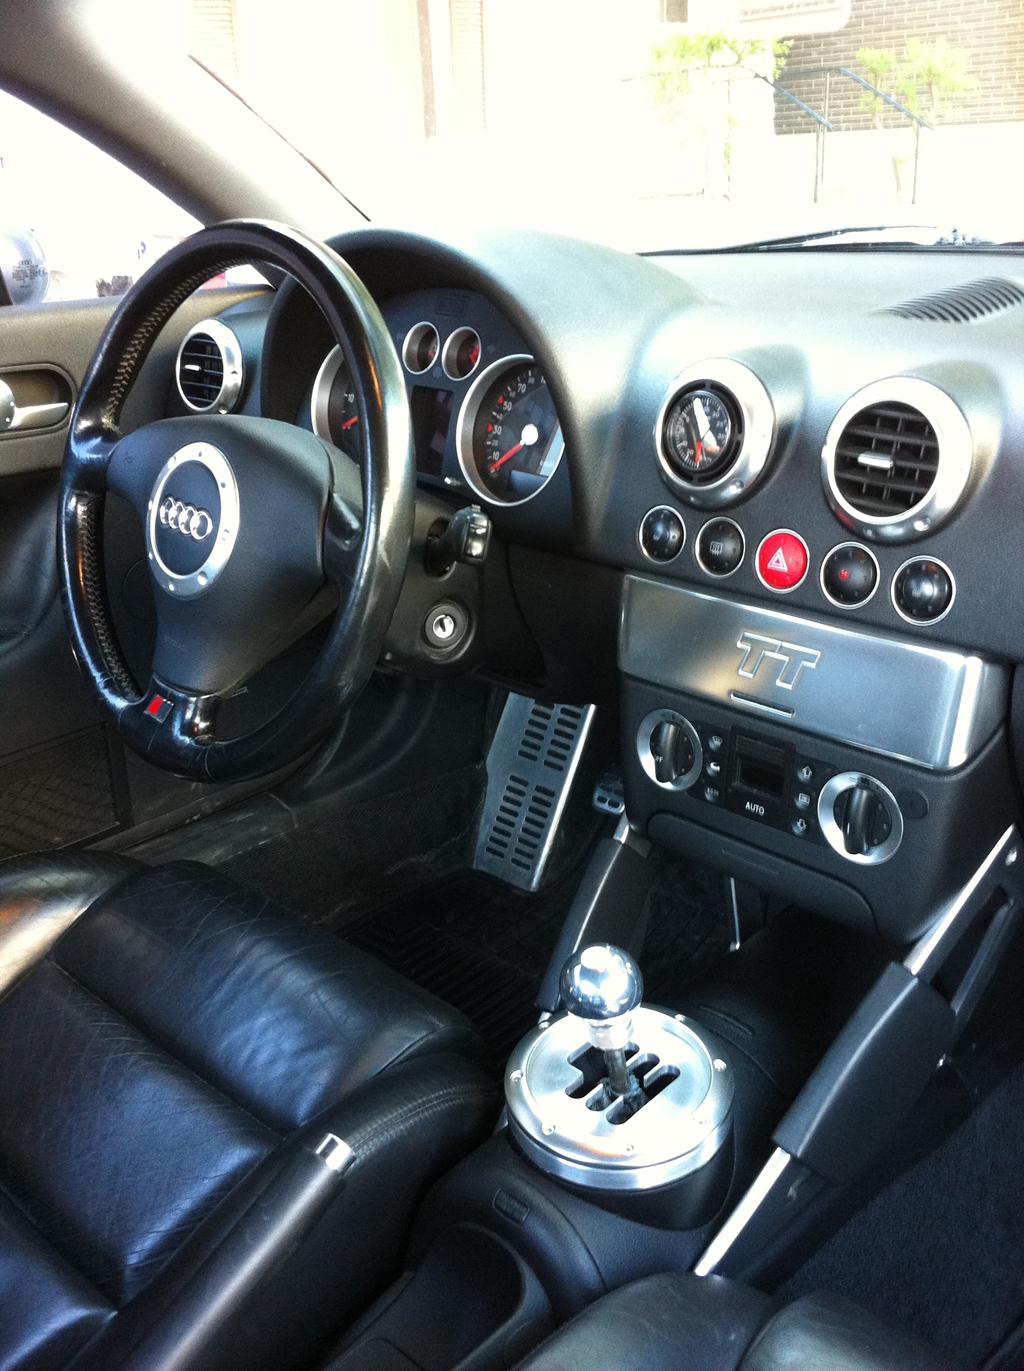 Tt Interior Audi Tt Mk1 Jay Funke Audi Tt Tuning Parts